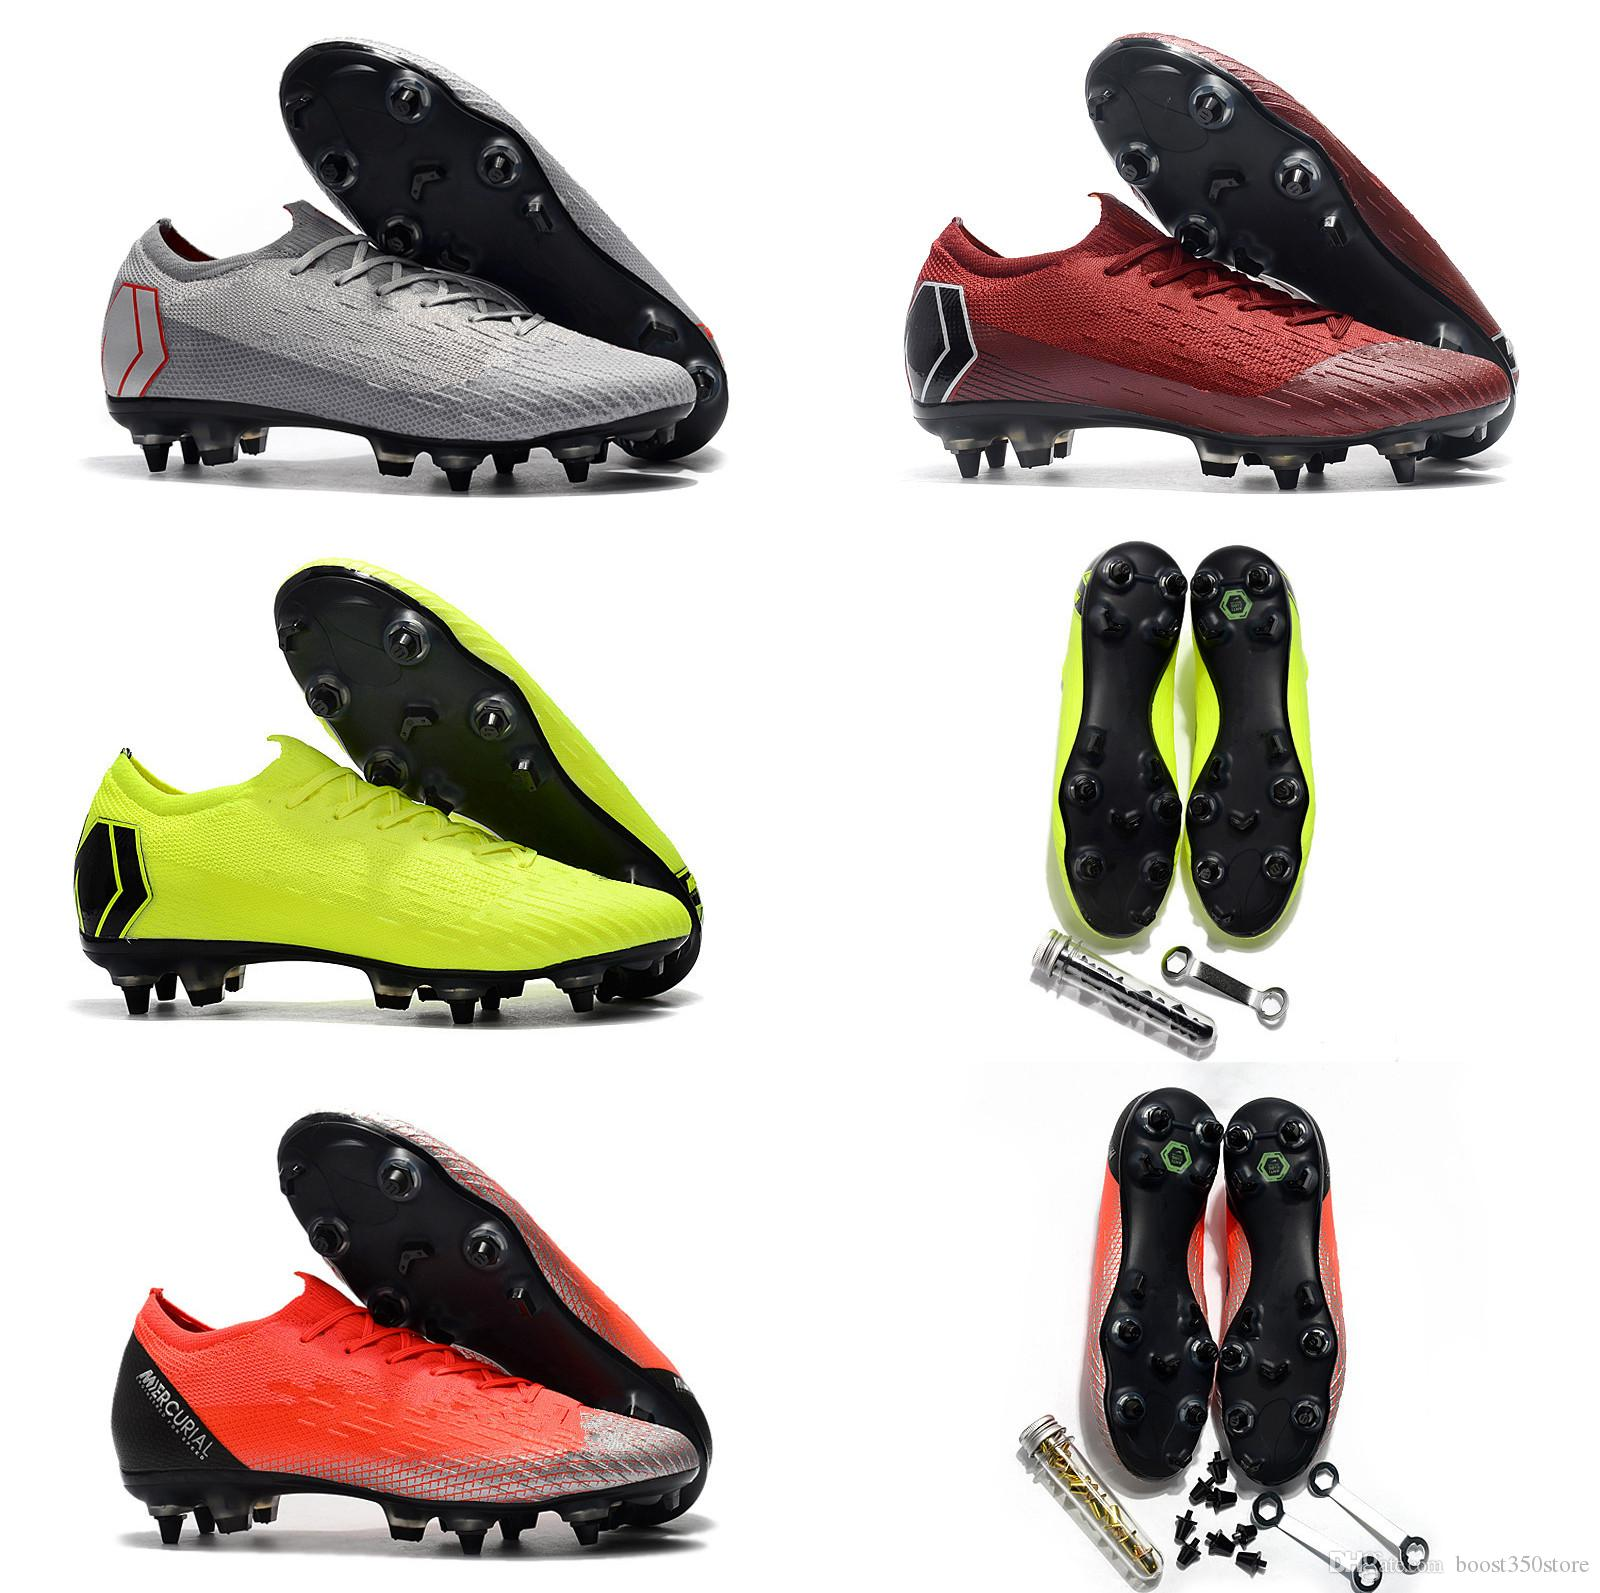 Compre Alta Qualidade Vapor Mercurial VI Elite SG Aço AC Spikes  Fluorescente Verde Laranja Cinza Vermelho Baixo Sapatos De Futebol Tamanho  39 45 Chuteiras ... ef451310ad98a